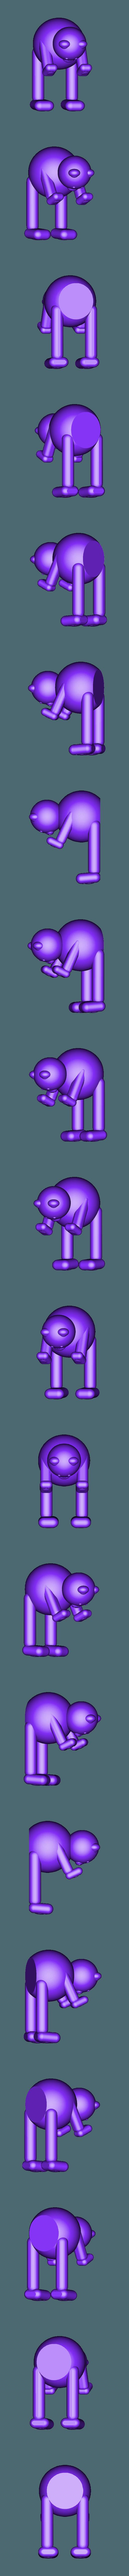 Oso.stl Télécharger fichier STL gratuit Petit gros ours (support pour smartphone) • Objet à imprimer en 3D, MaJoReRo